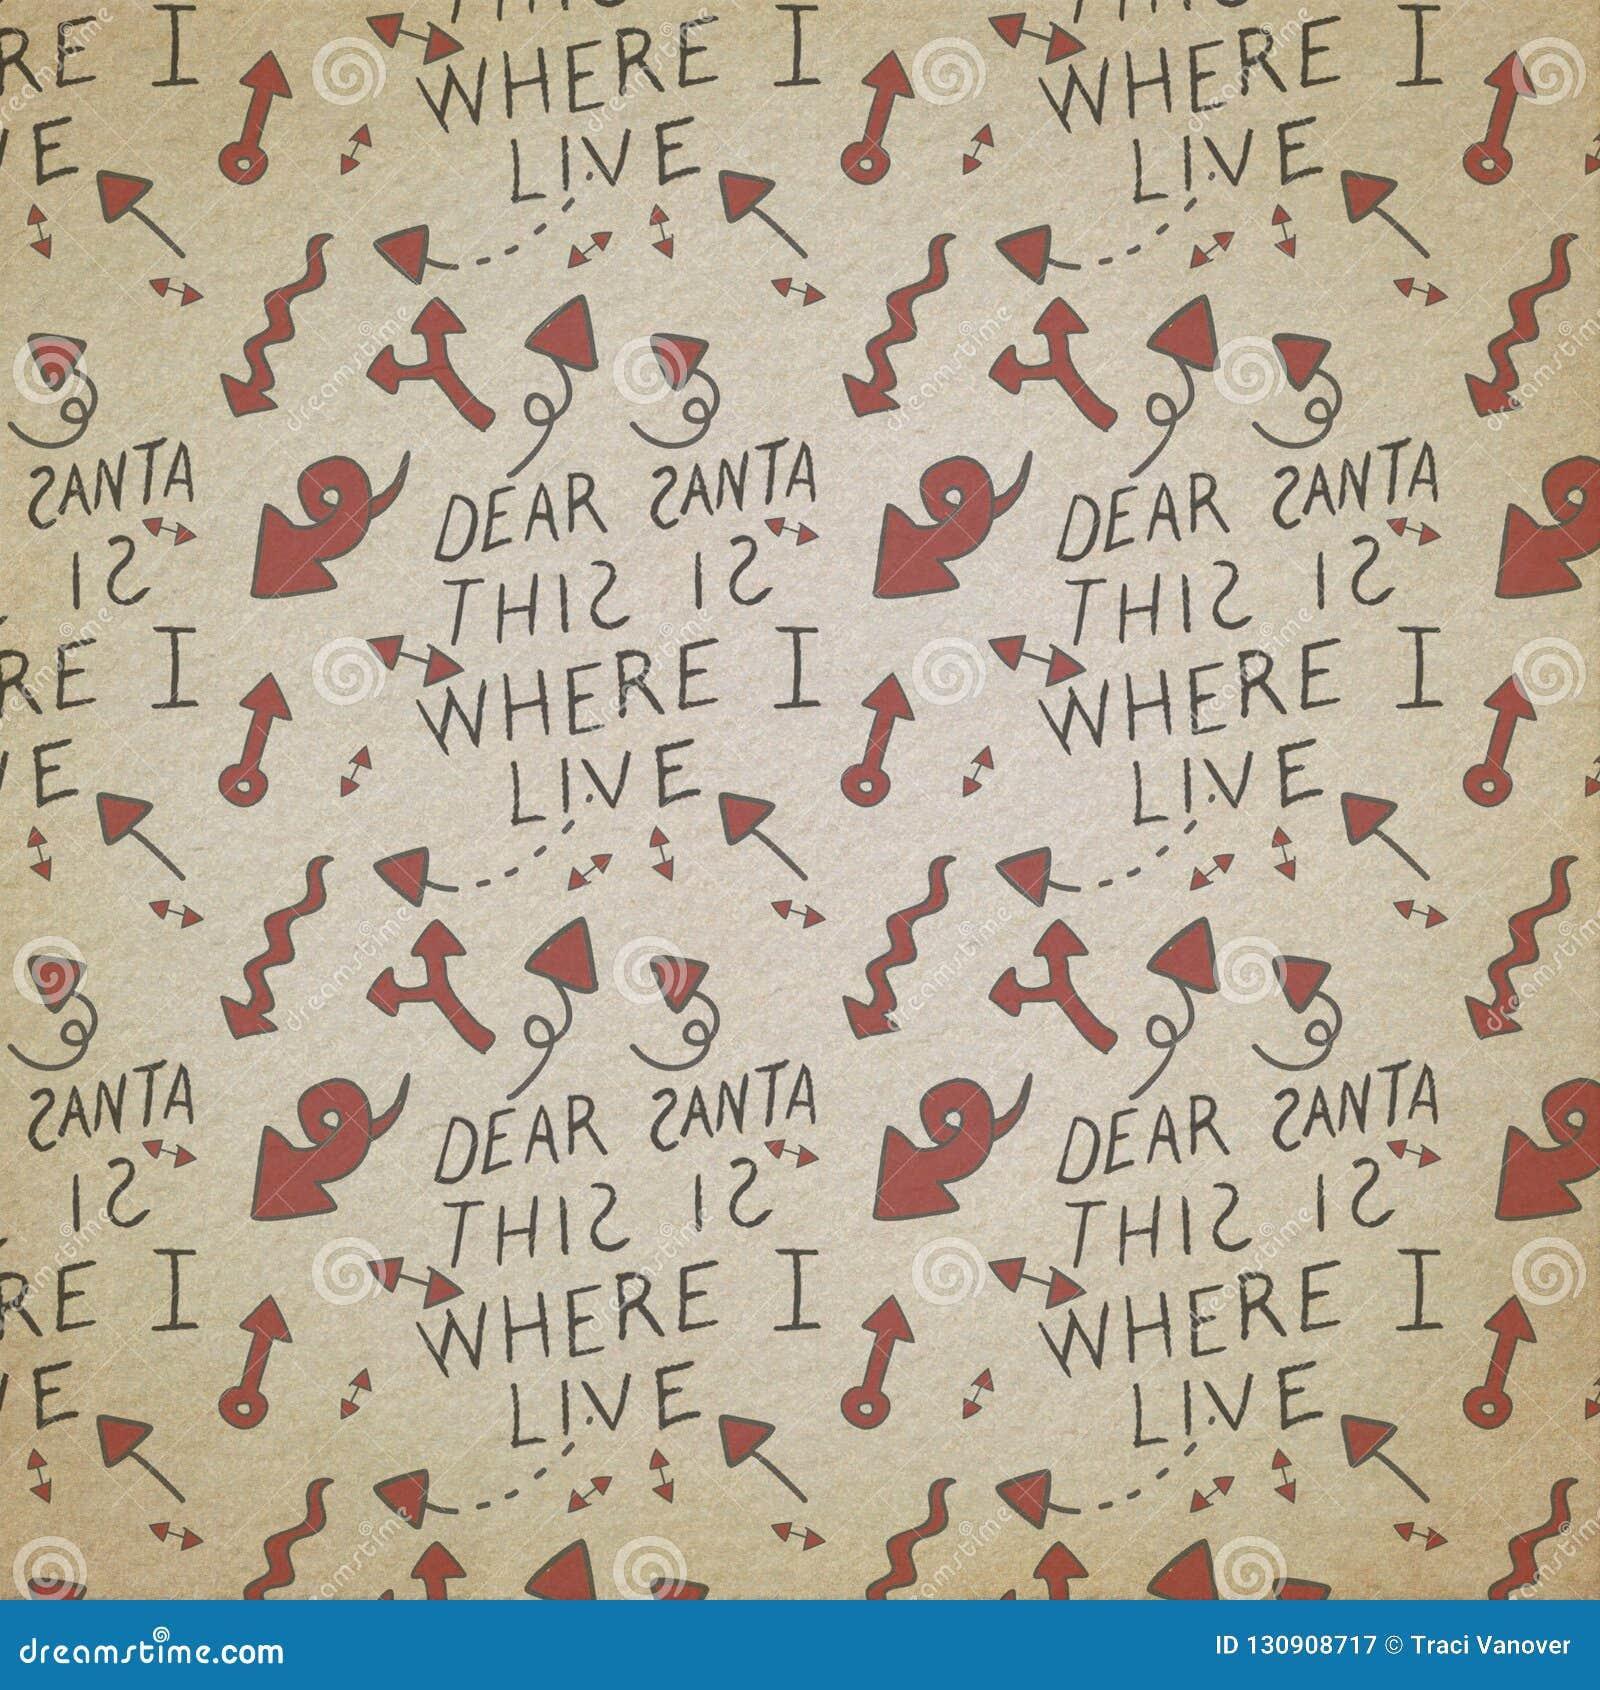 Santa Claus - lista di Natale - carta modellata festa - Natale d annata afflitto rosso- nero- - che elabora - carte di Digital